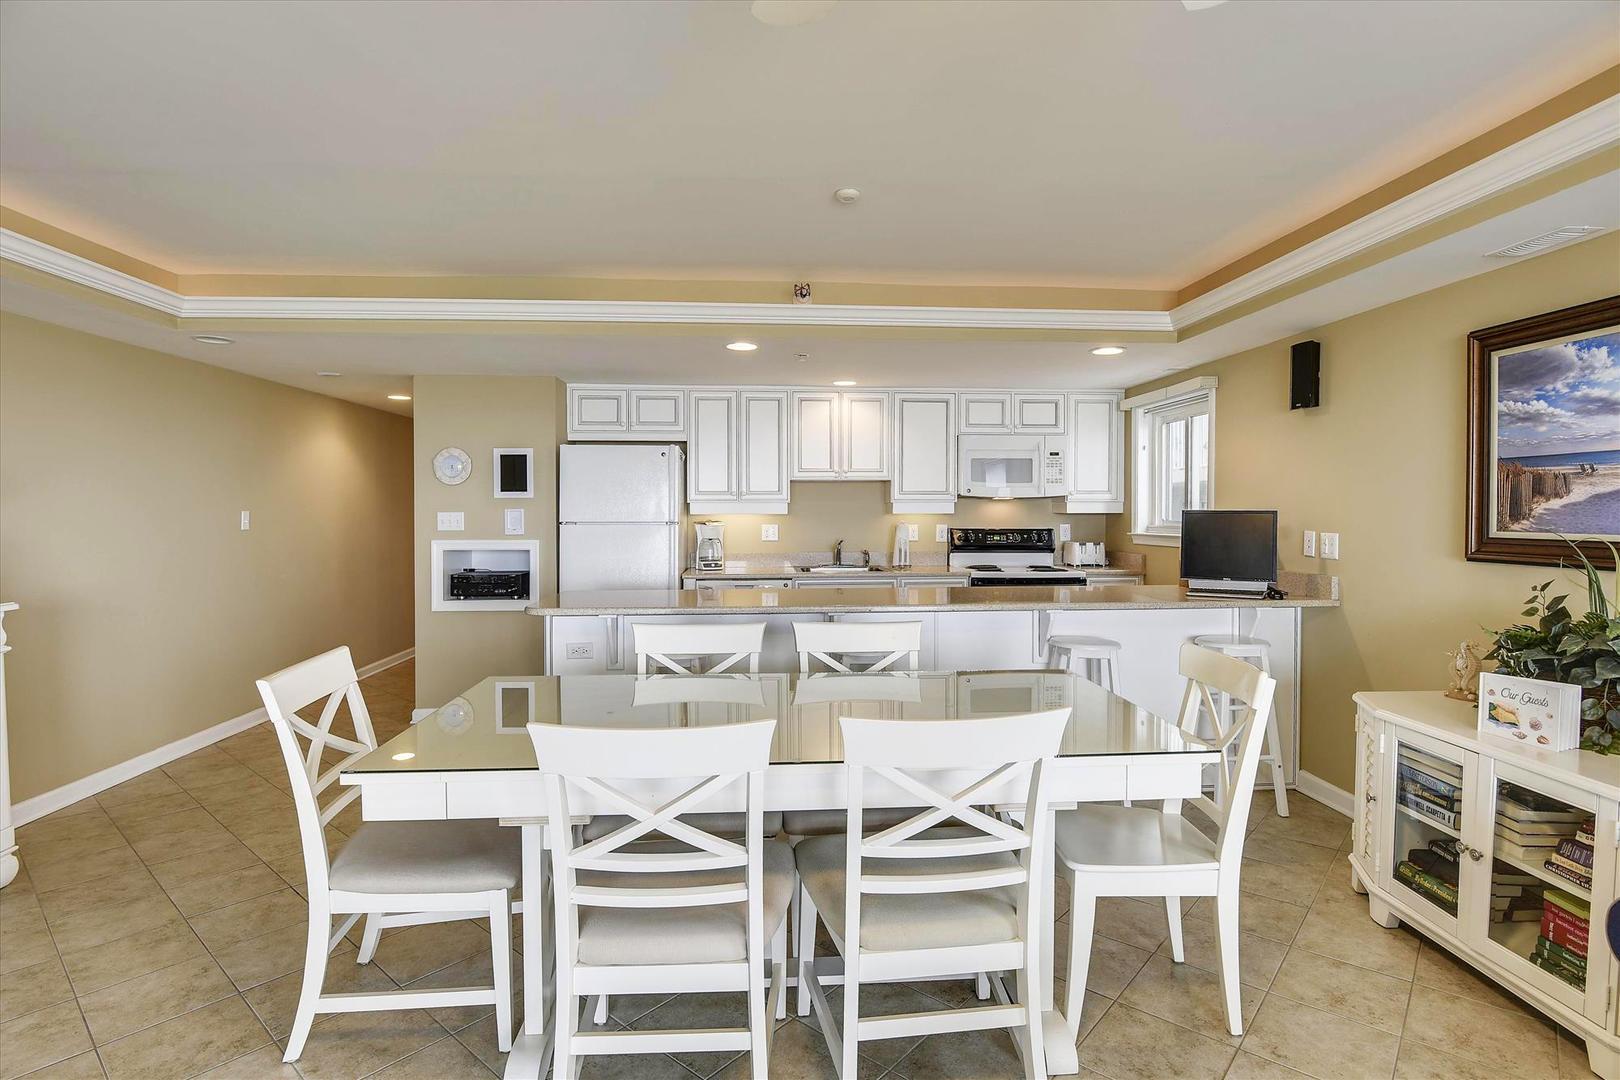 Ocean City Boardwalk Suites N2 - Dining Area